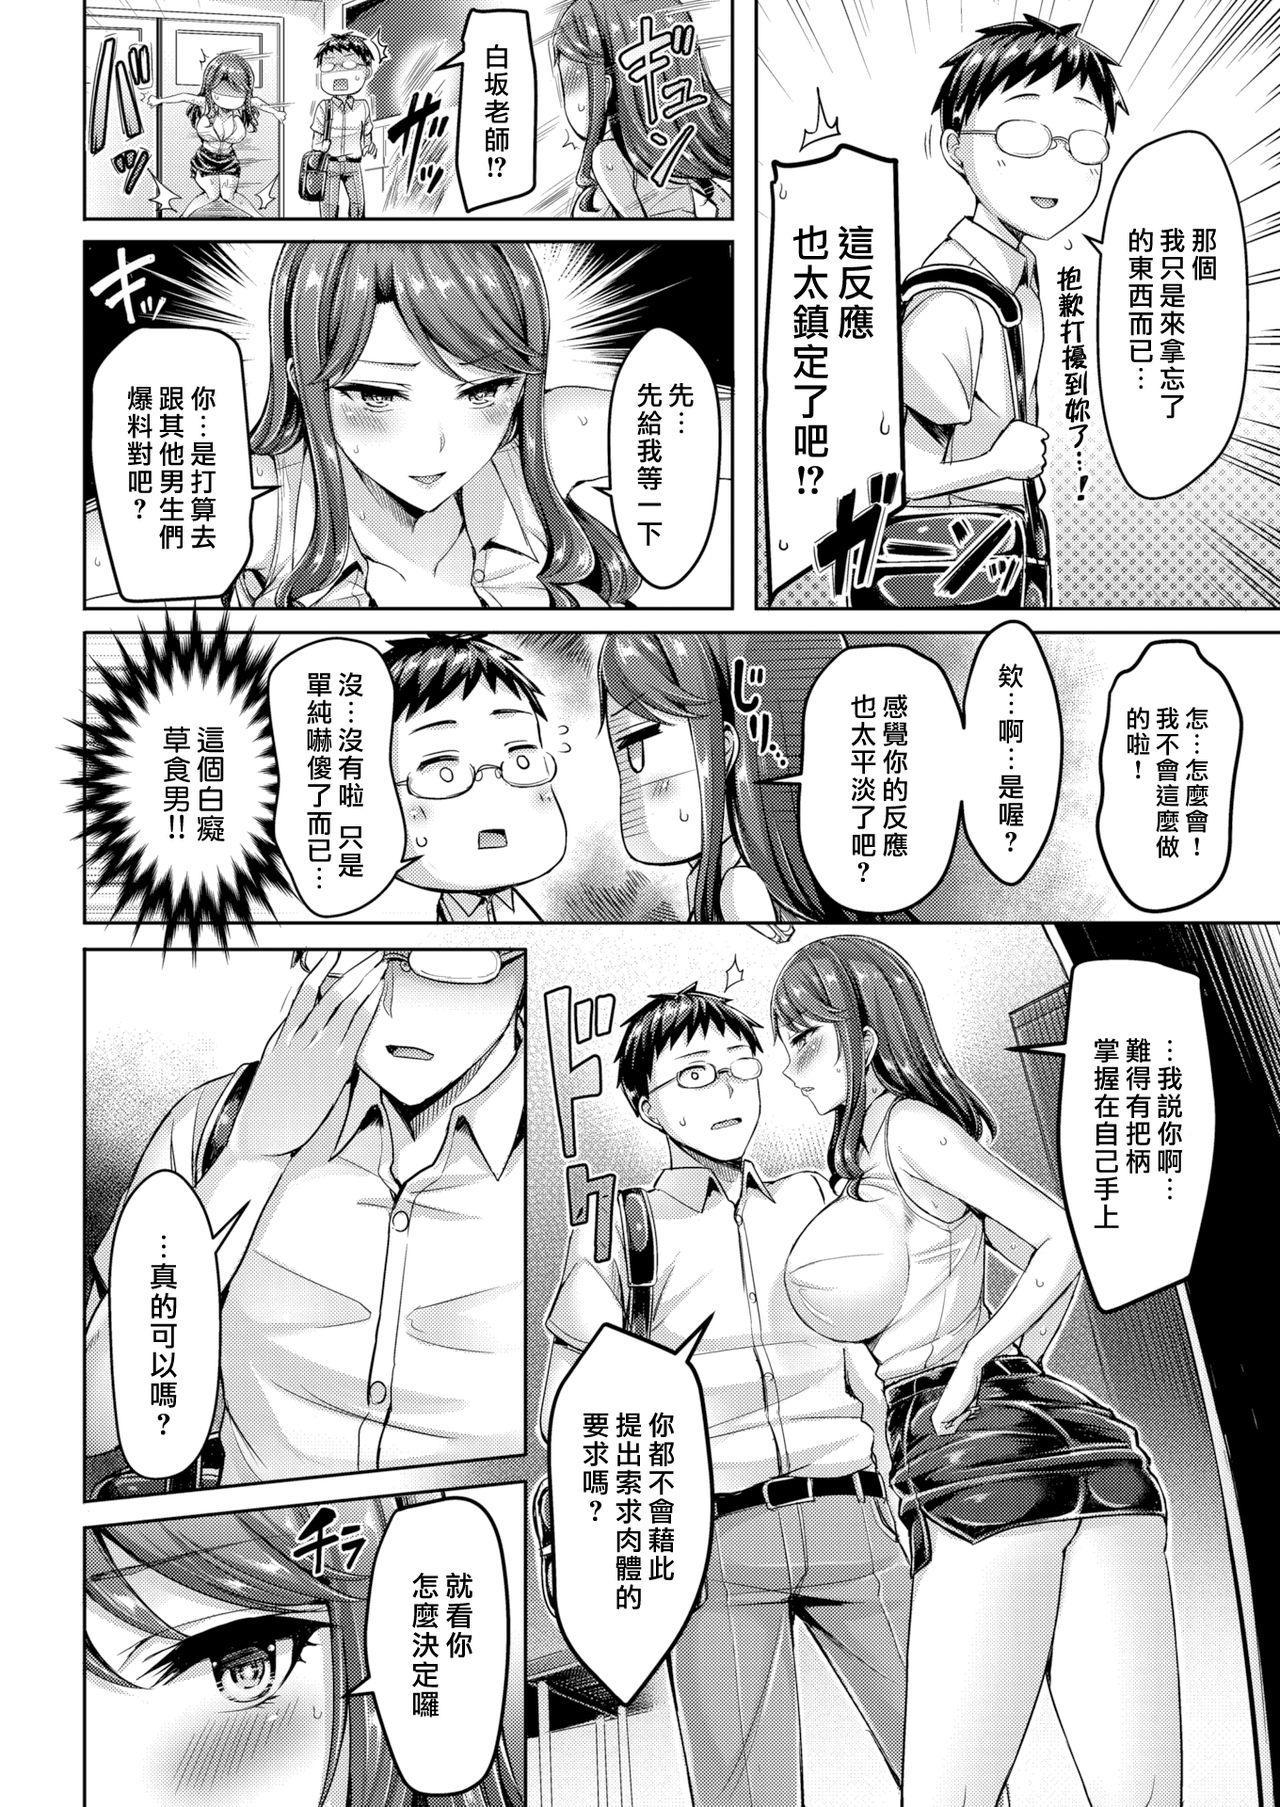 Shirasaka-sensei de Nukou! 3